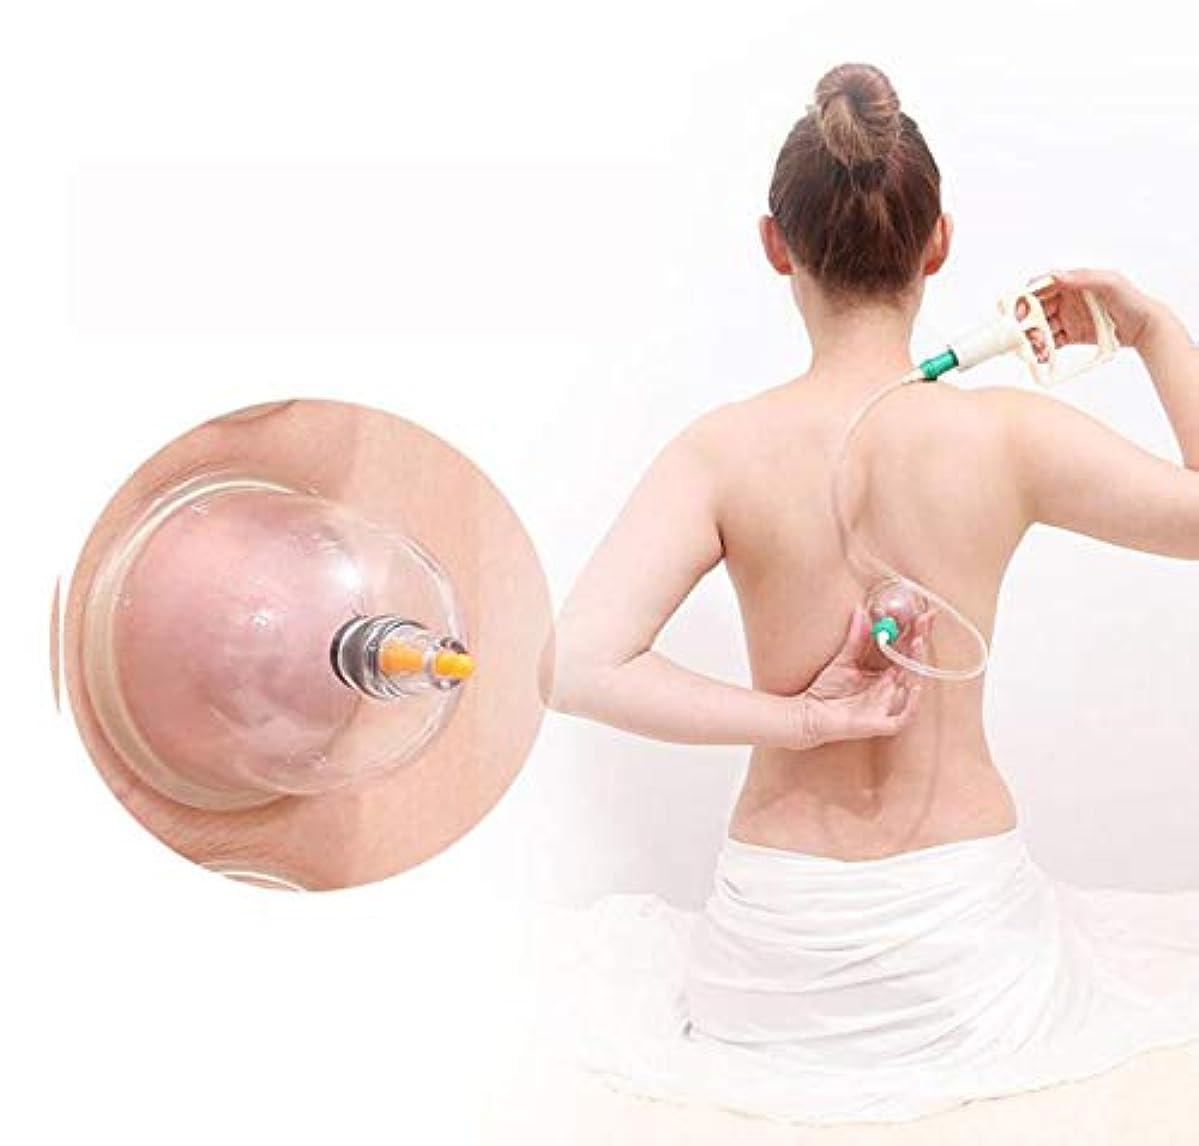 カッピング 吸い玉カップ 治療 痛み緩和 血液の循環を促す 中国式療法 マッサージ効果